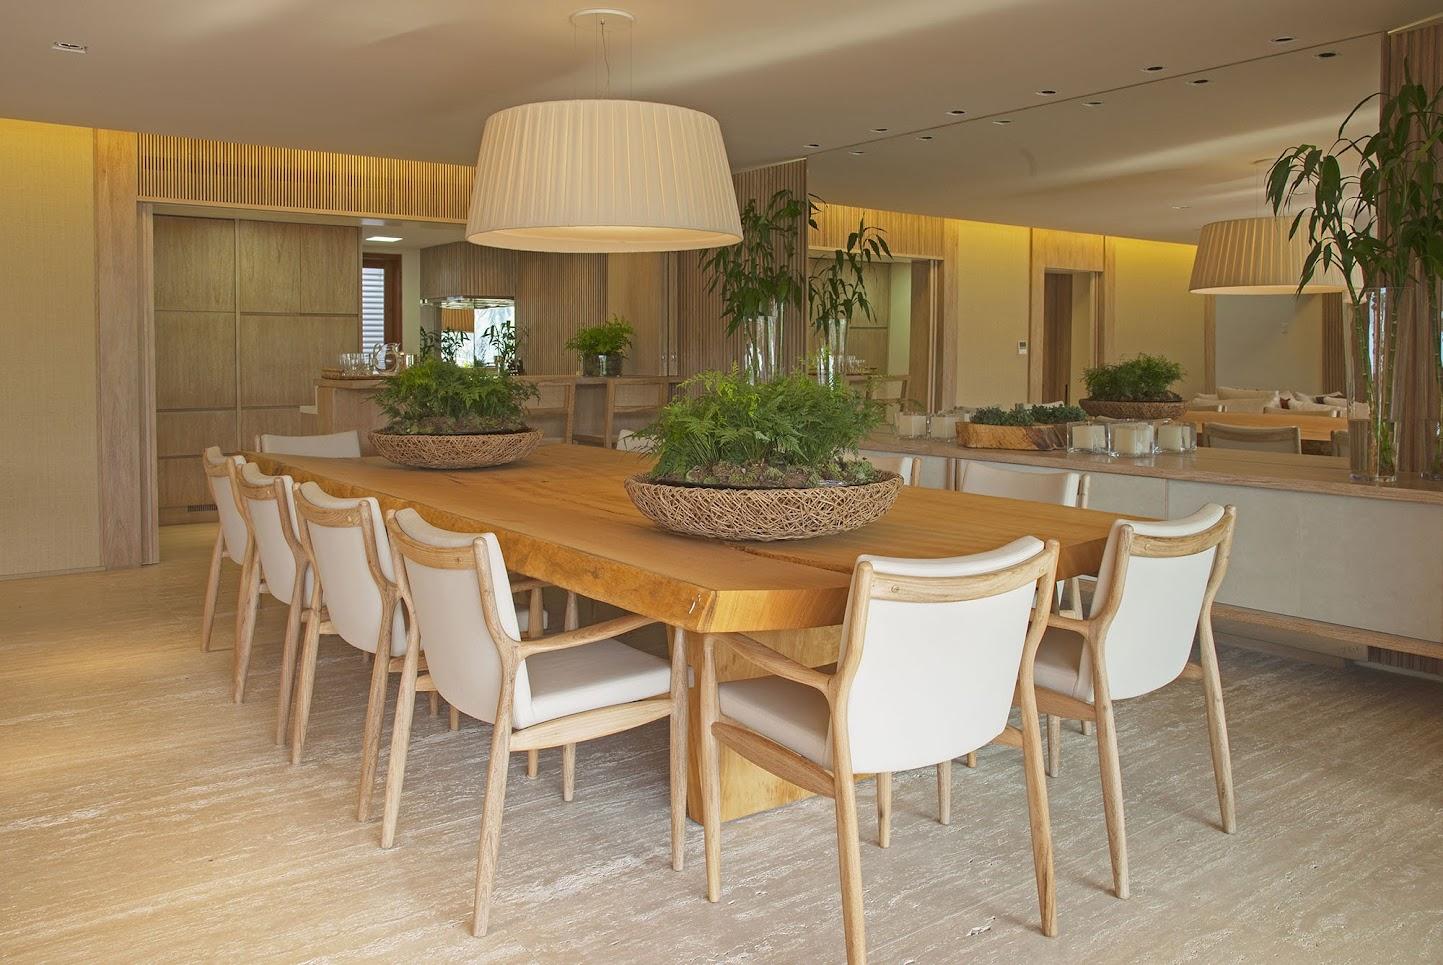 Arquivos Sala De Jantar Arqdropsarqdrops -> Sala E Cozinha Mesmo Ambiente